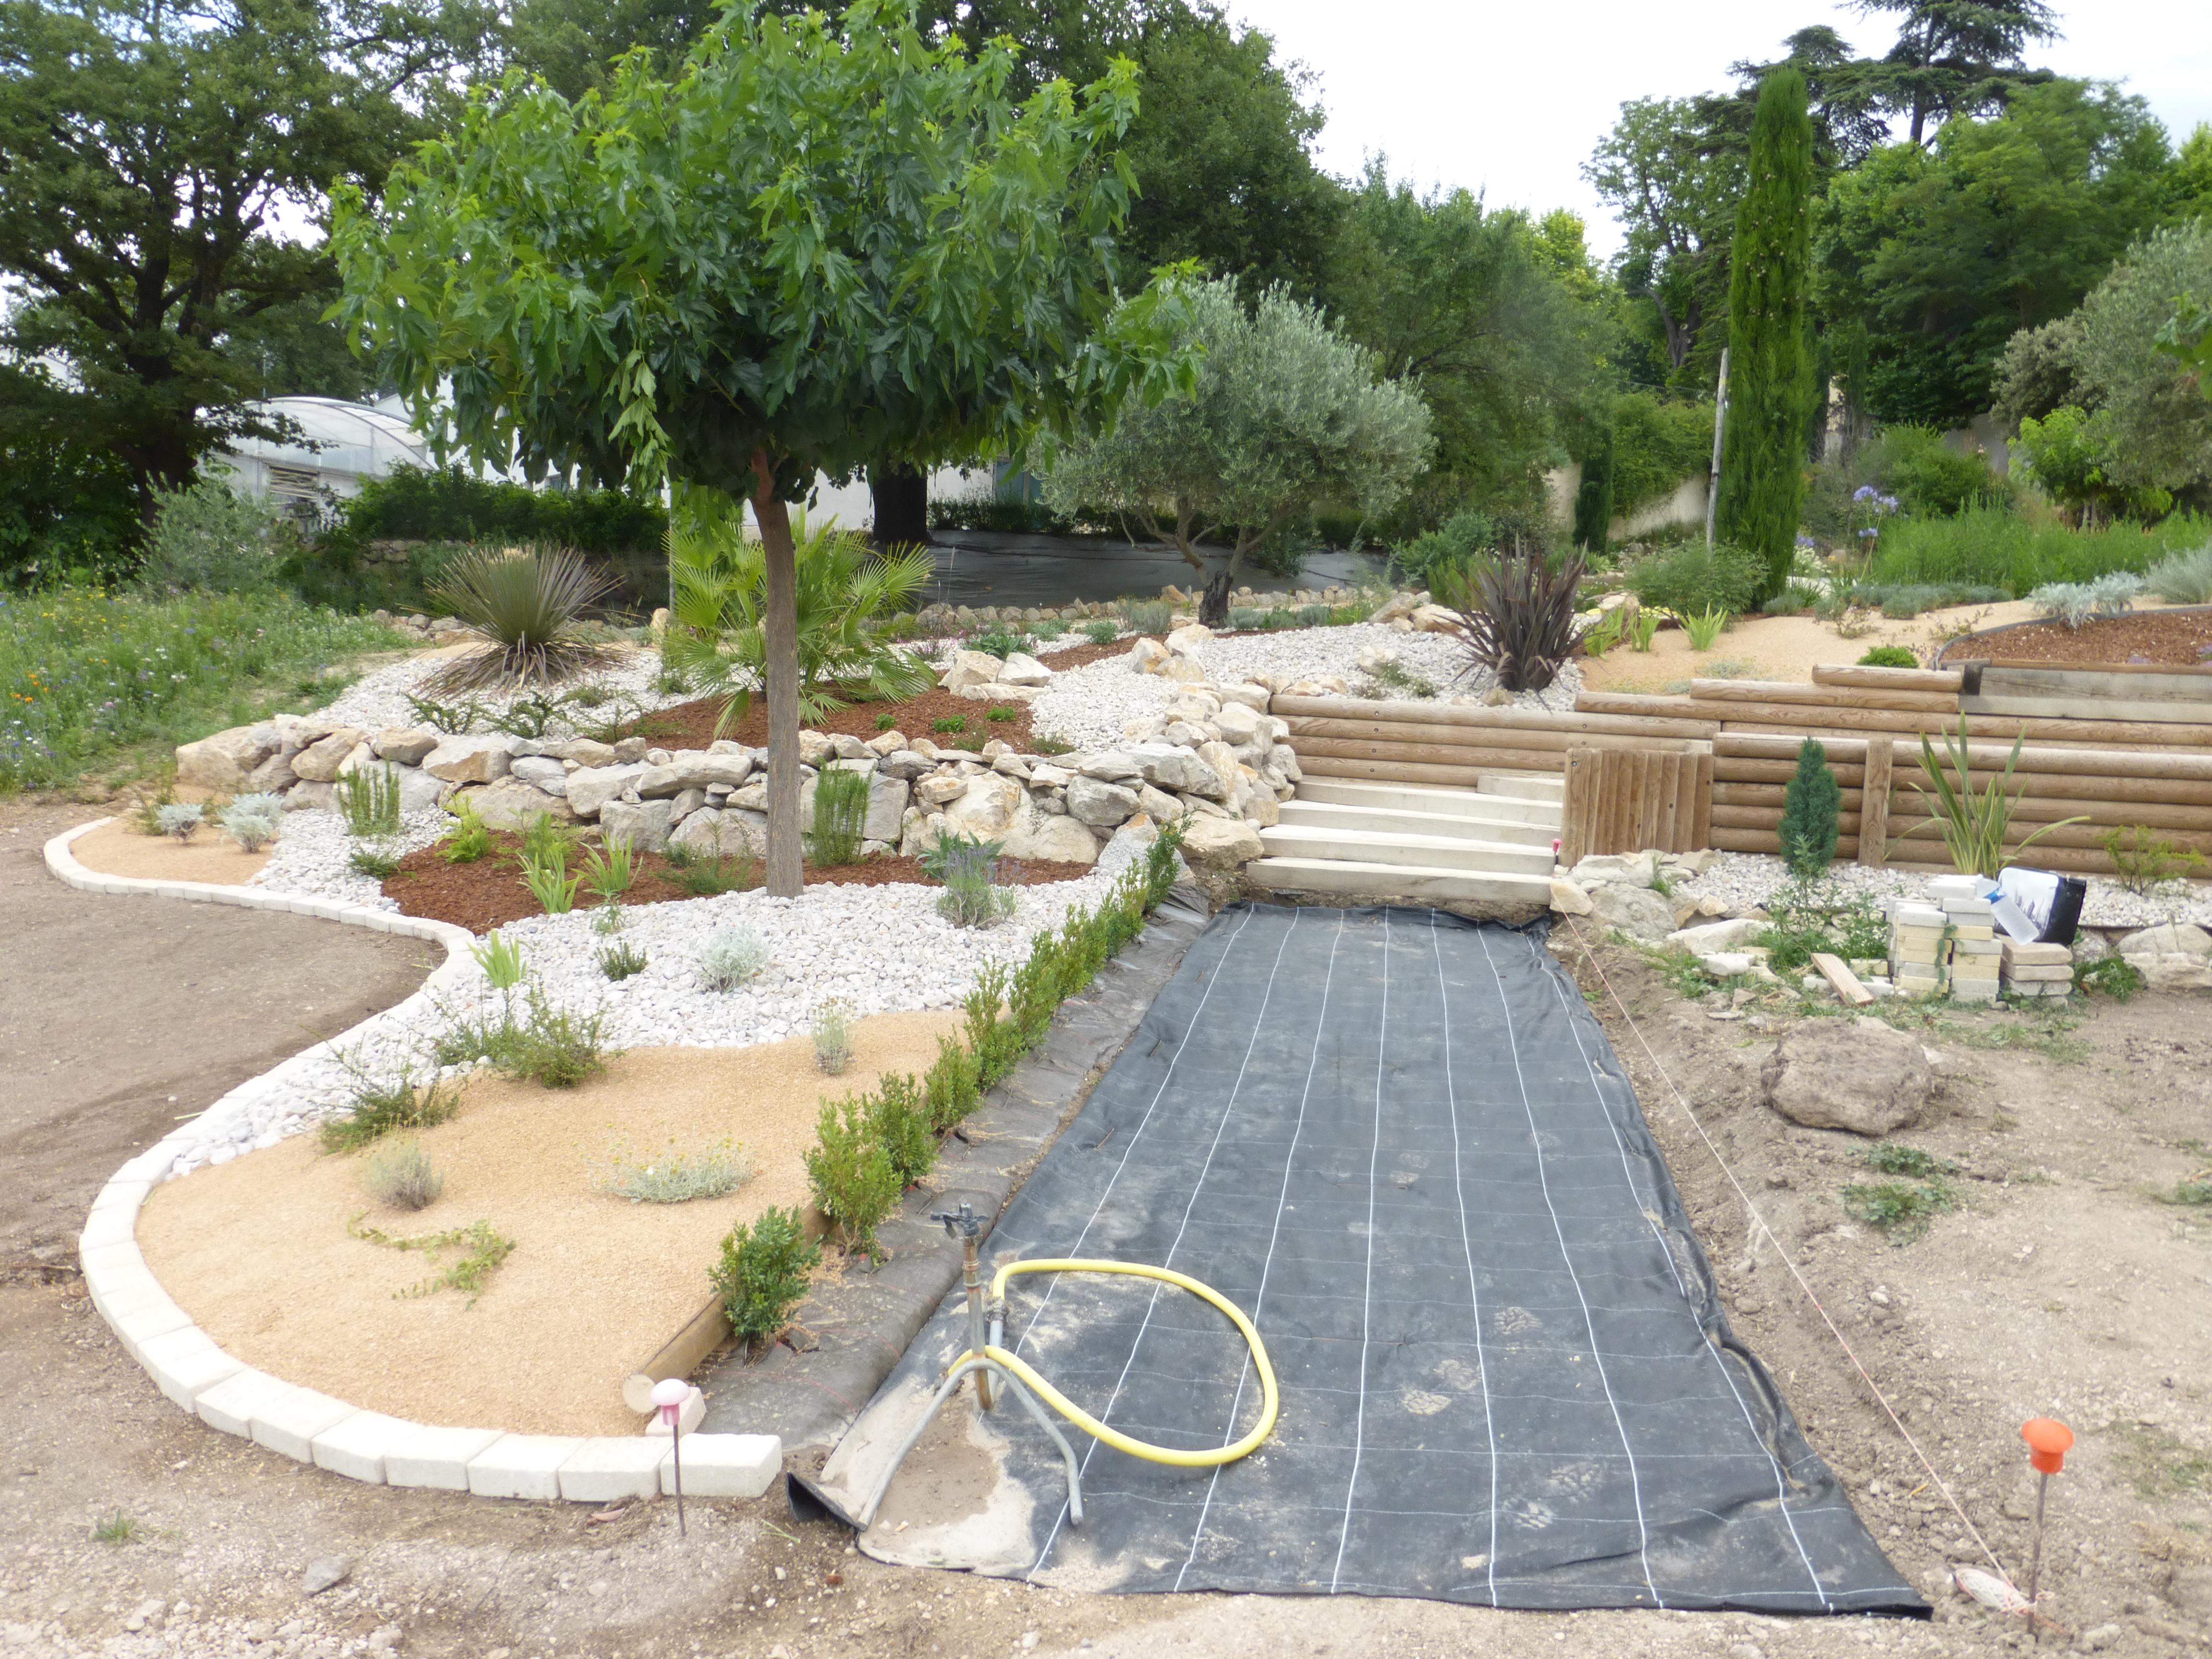 Am nagement paysager d un talus 2 la passion des jardins for Pose carrelage sur lit de sable